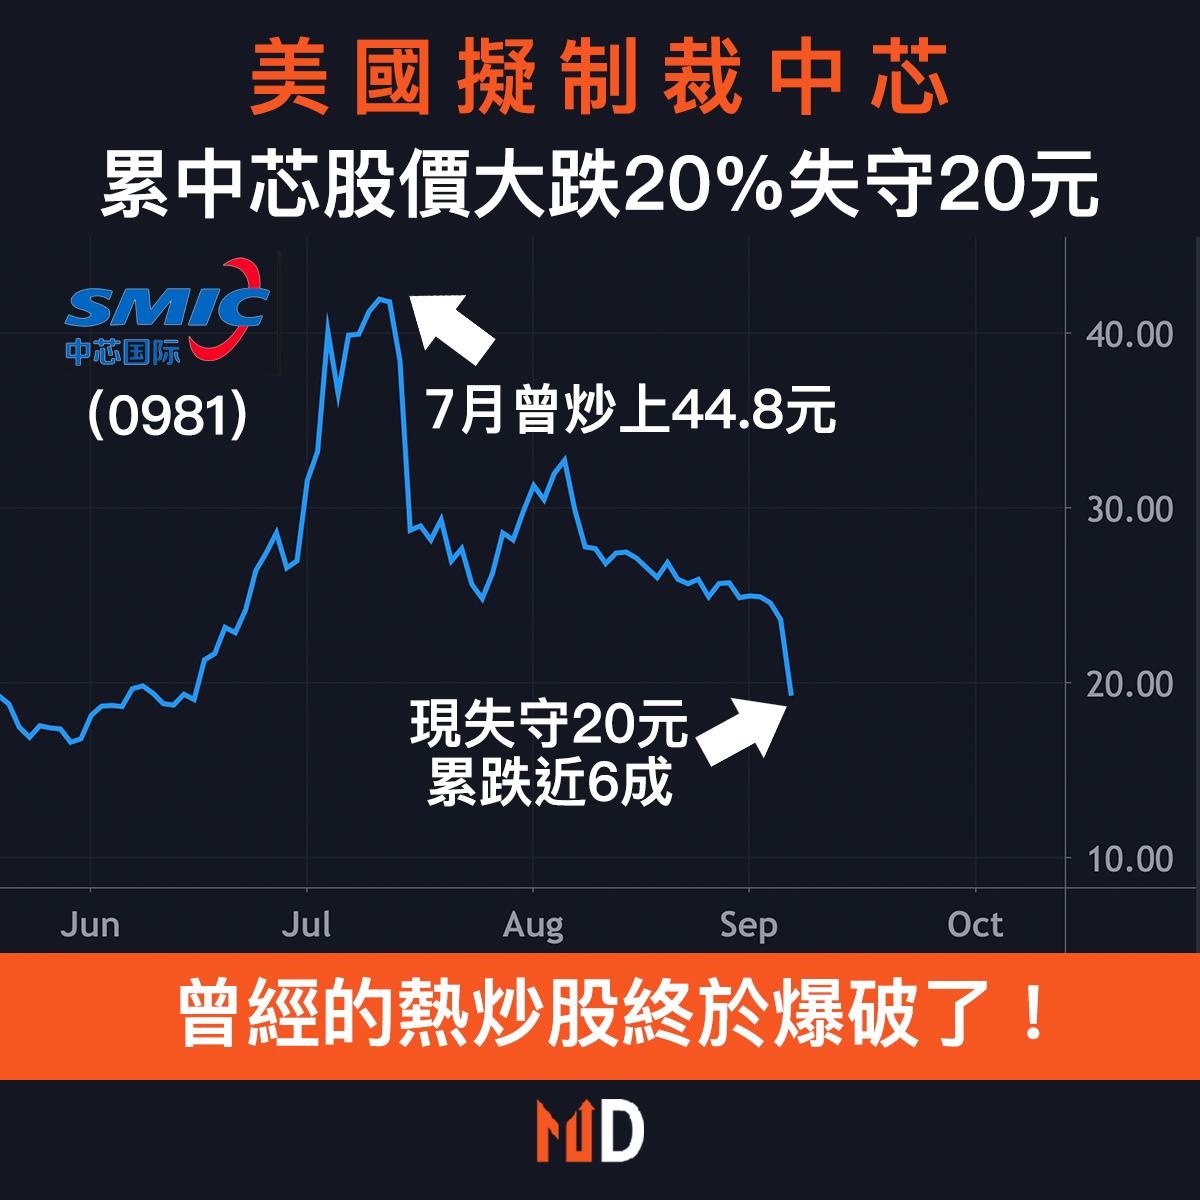 【圖解股市】美國擬制裁中芯,累中芯股價大跌20%失守20元